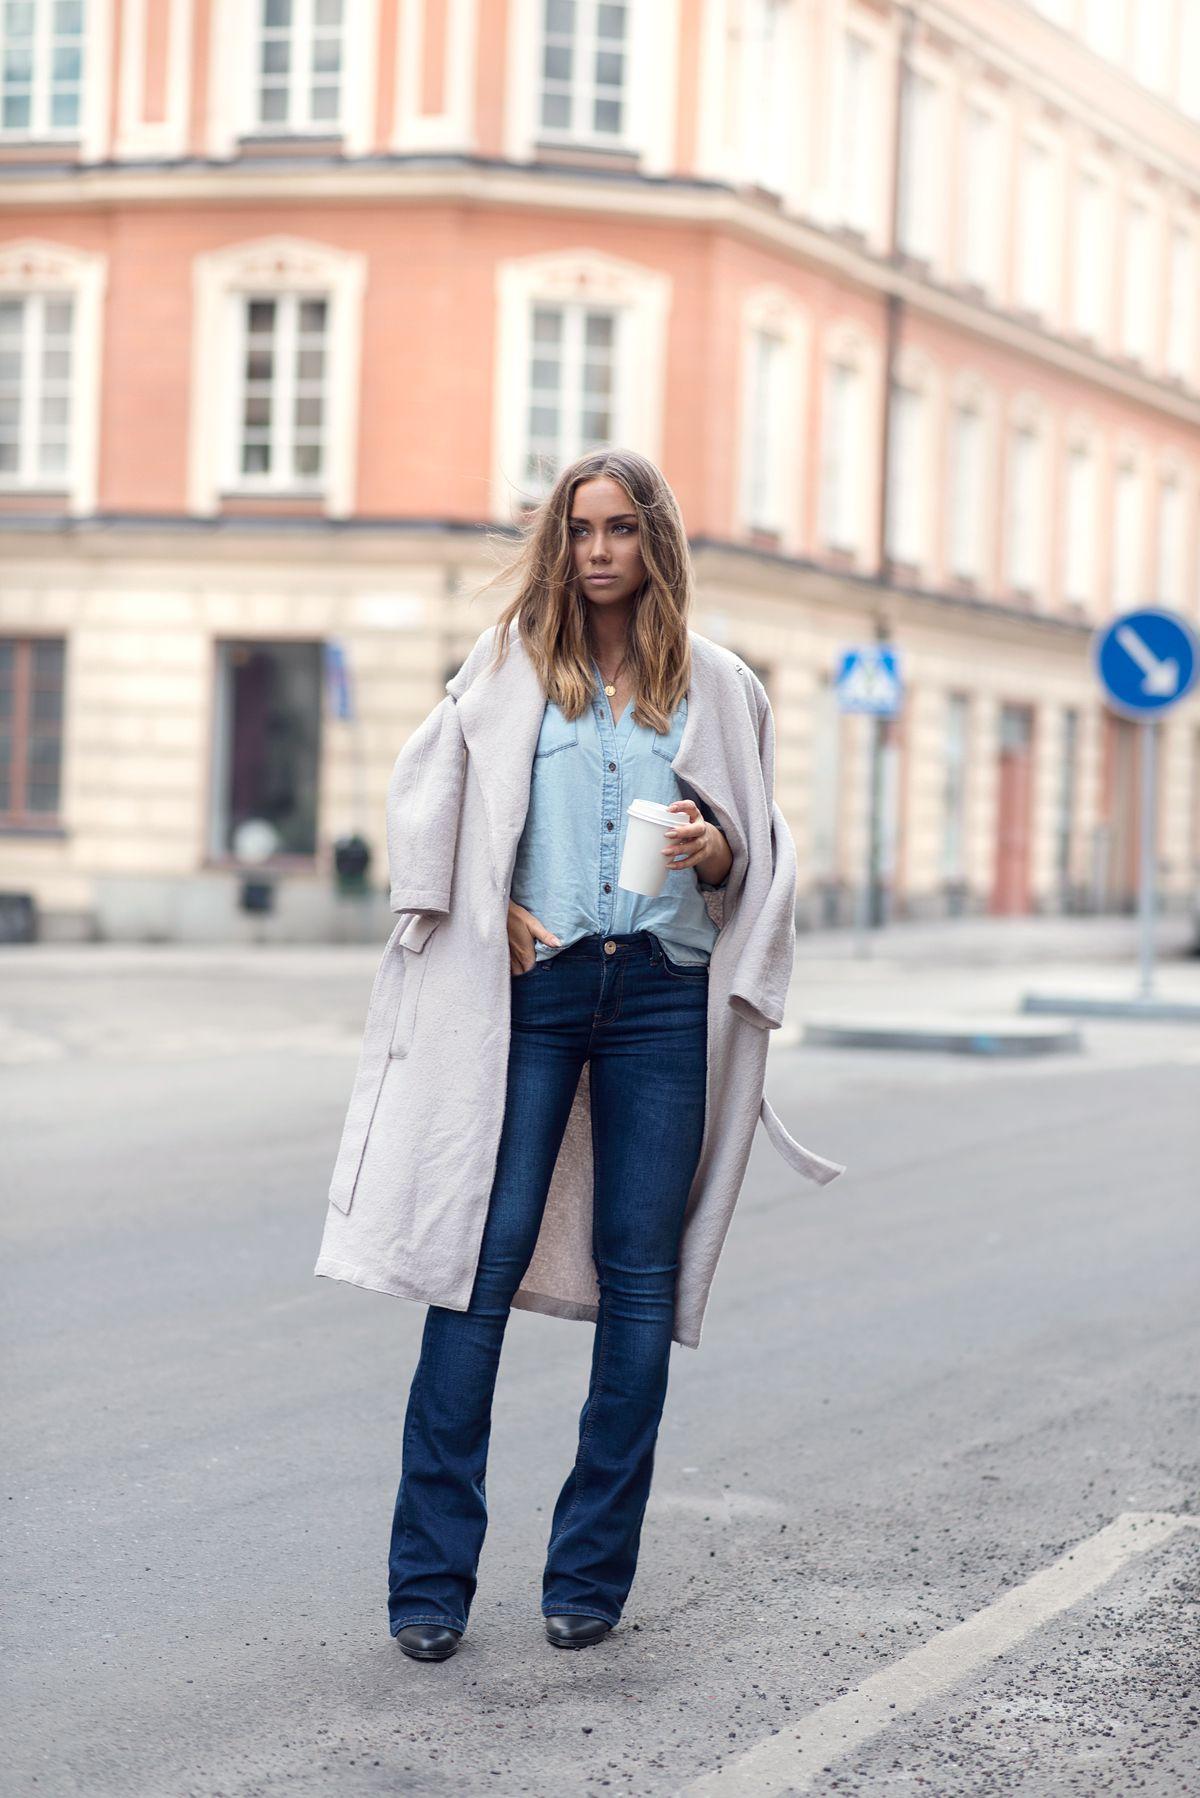 Cinco formas de usar calça jeans sem perder o estilo. Inspire-se, use e arrase!